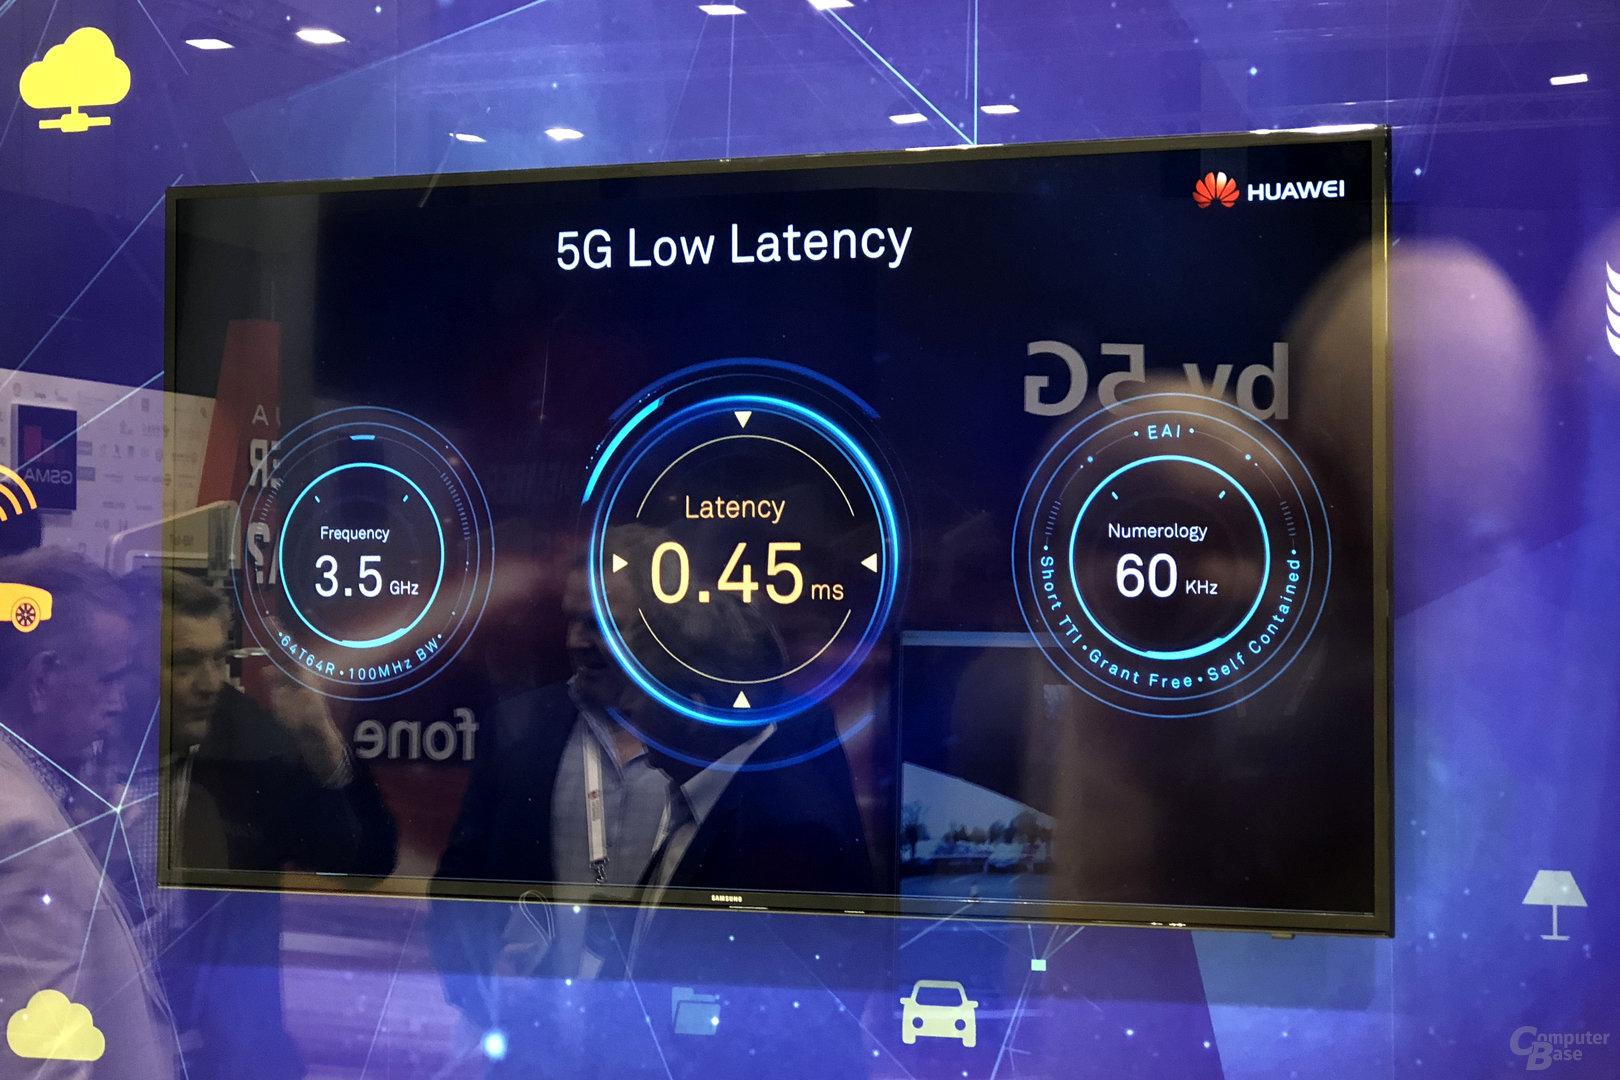 Demo einer 5G-Verbindung mit niedriger Latenz